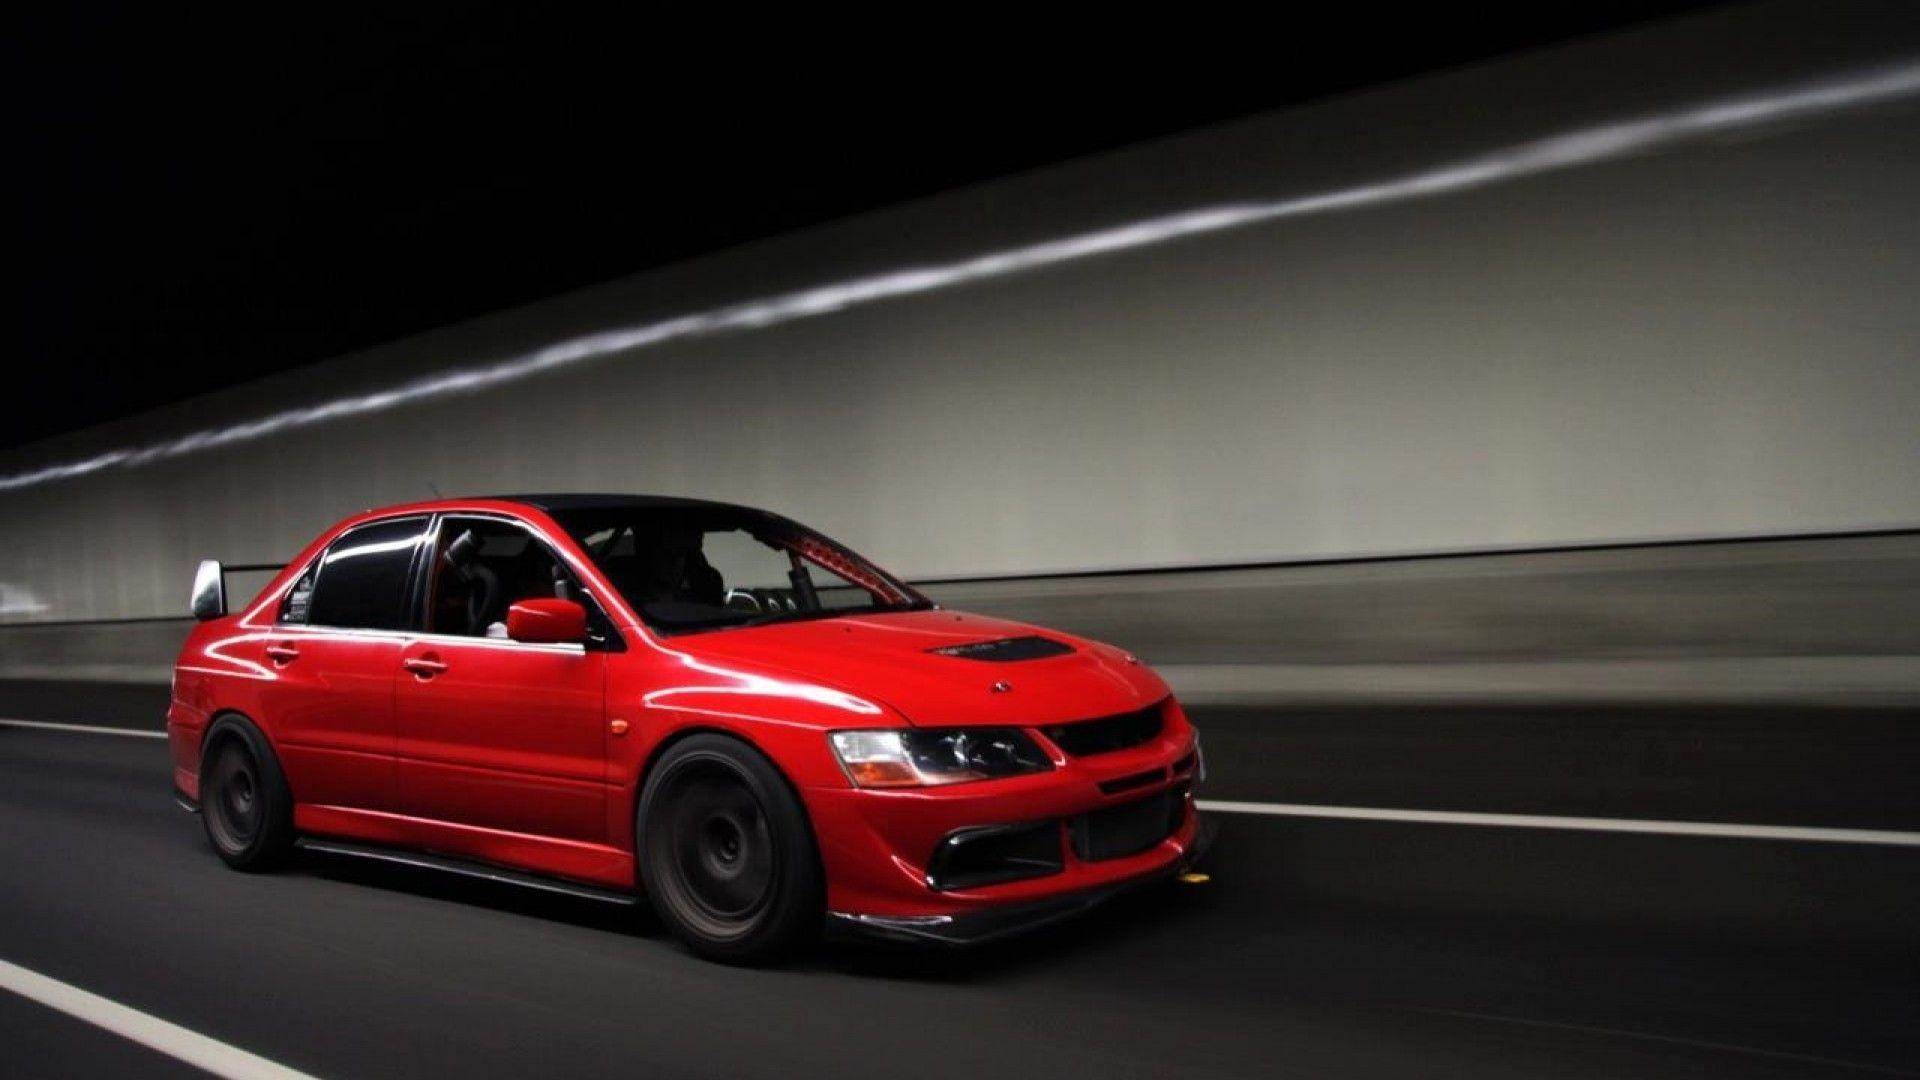 Mitsubishi HD Wallpaper | Mitsubishi Car Images | Cool Wallpapers